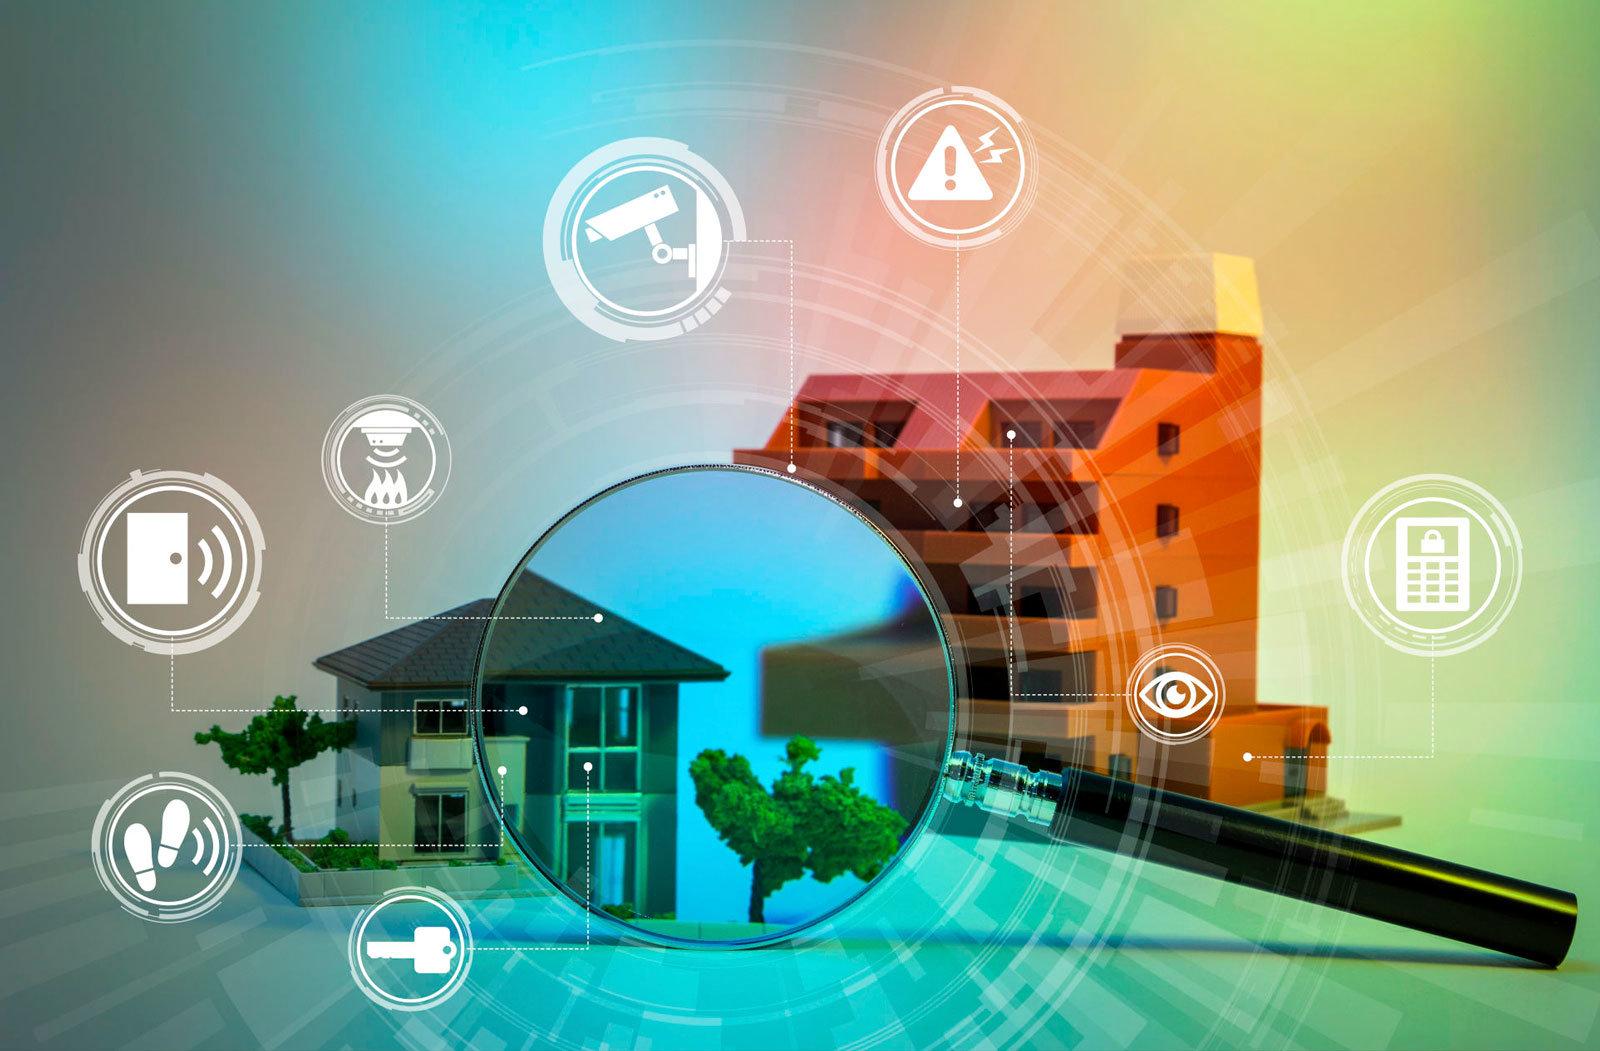 sistemas-seguridad-hogar